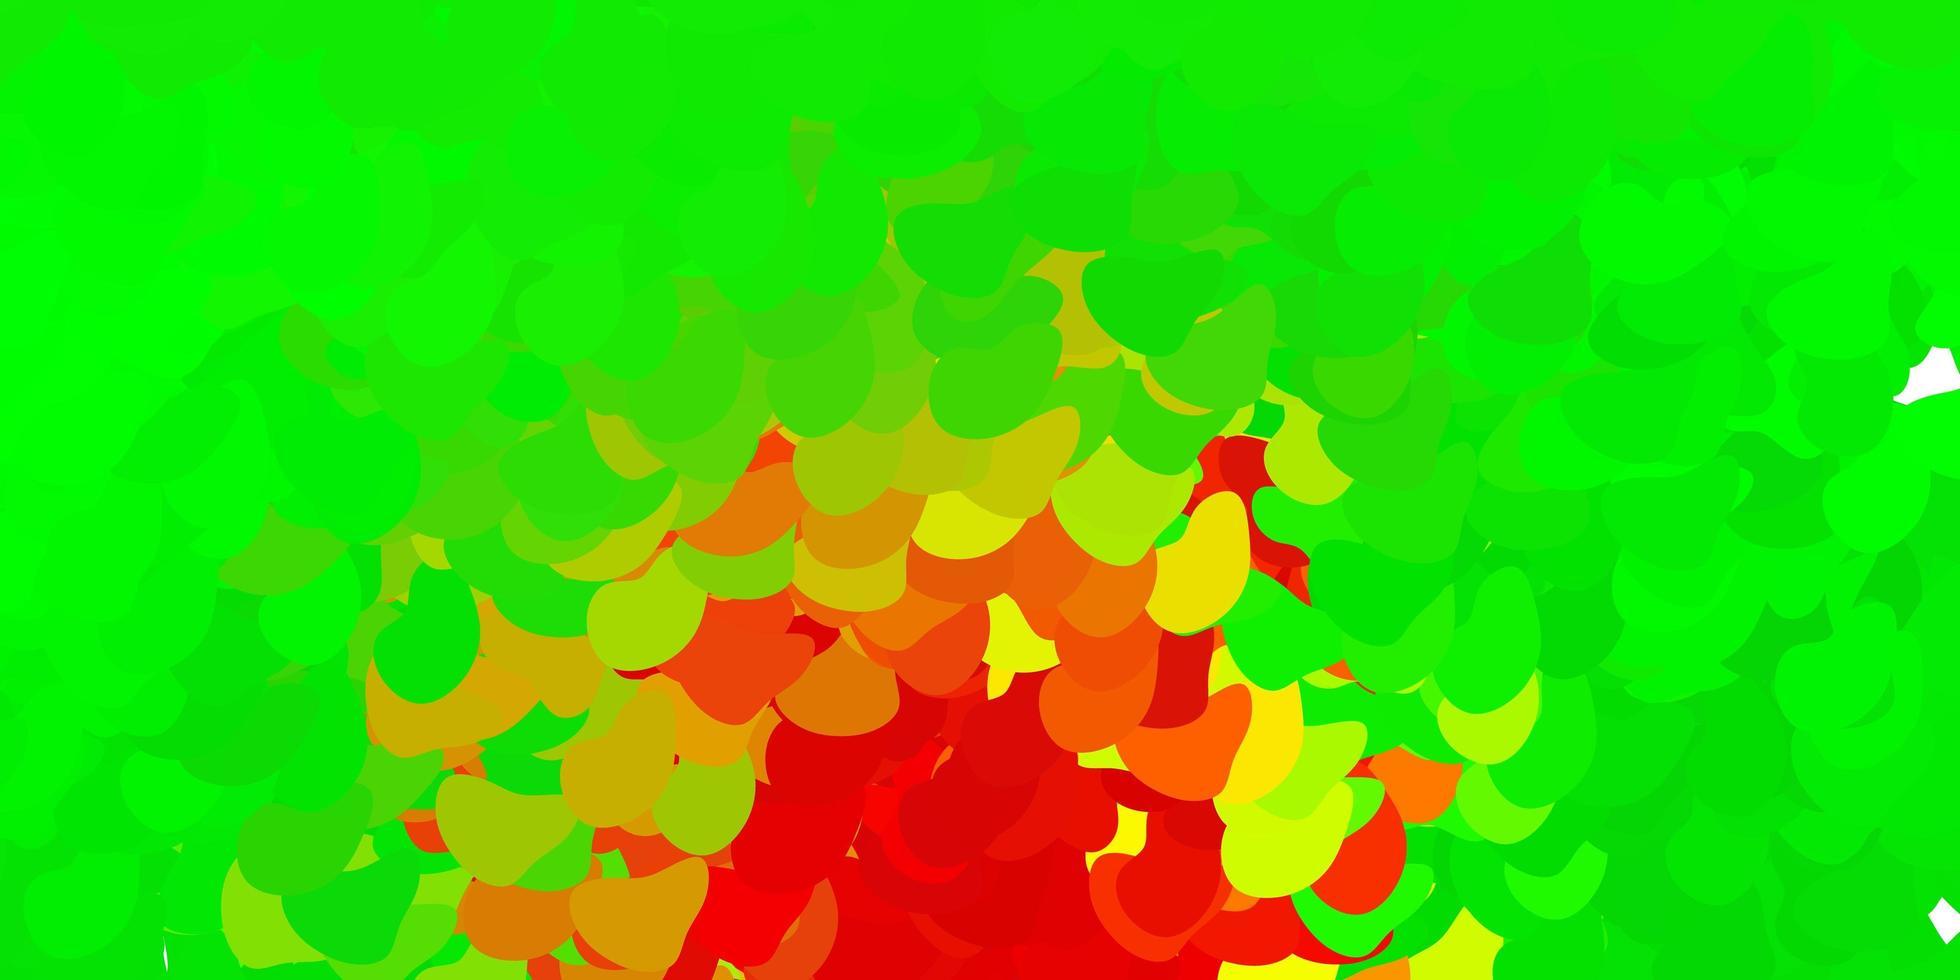 hellgrüner, roter Vektorhintergrund mit zufälligen Formen. vektor